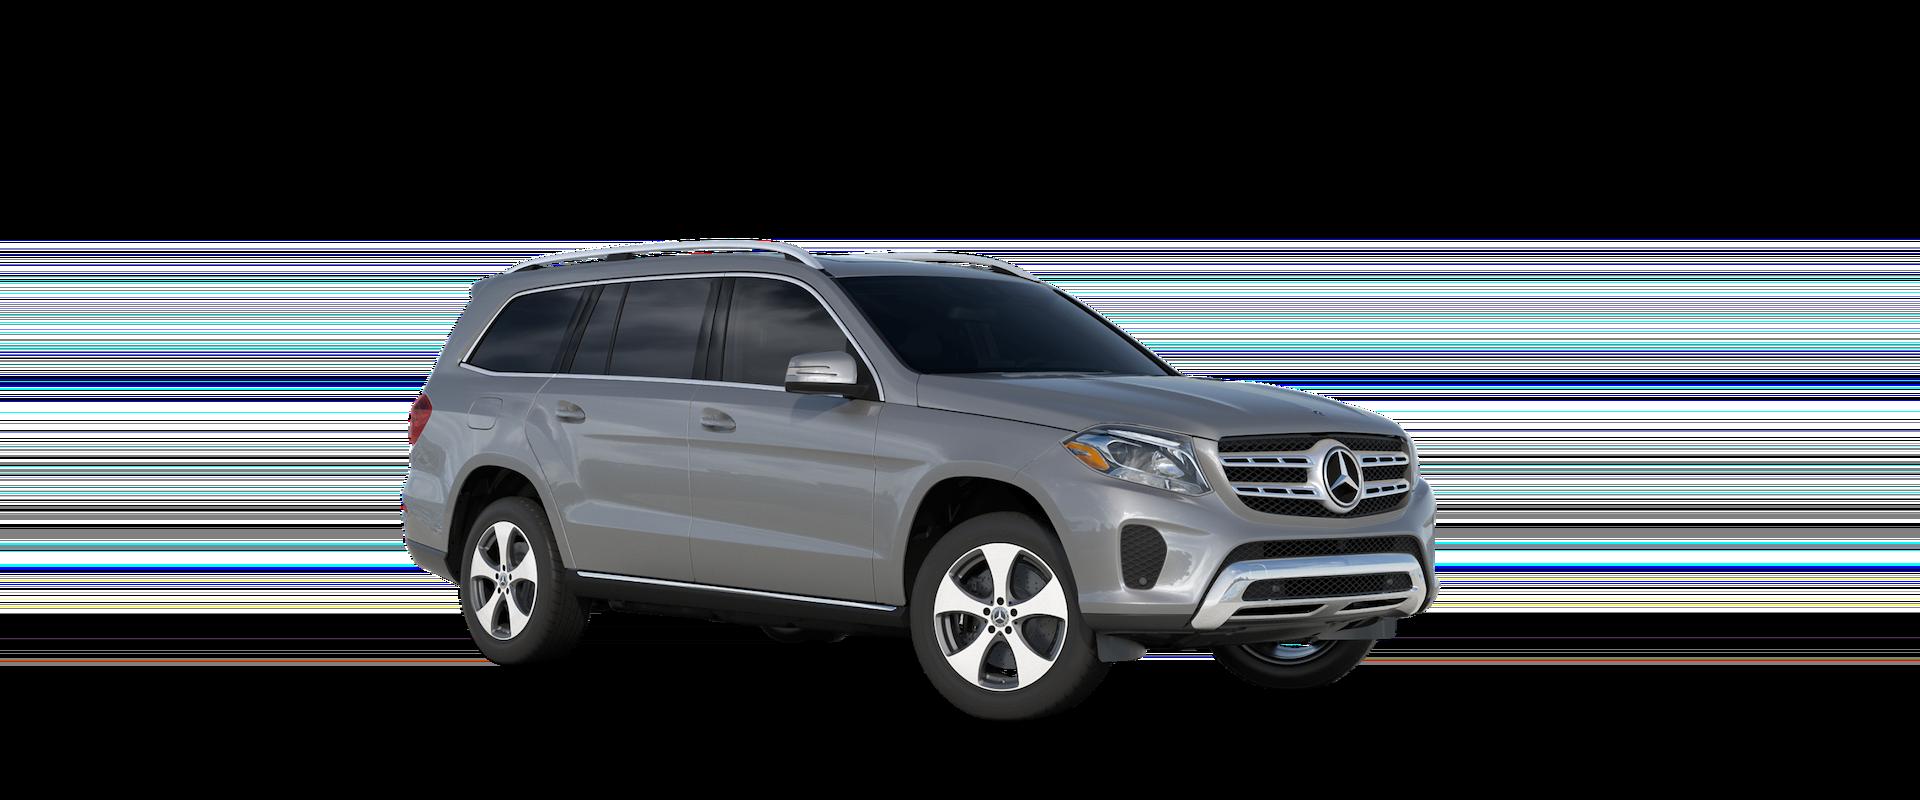 Mercedes-Benz GLS SUV